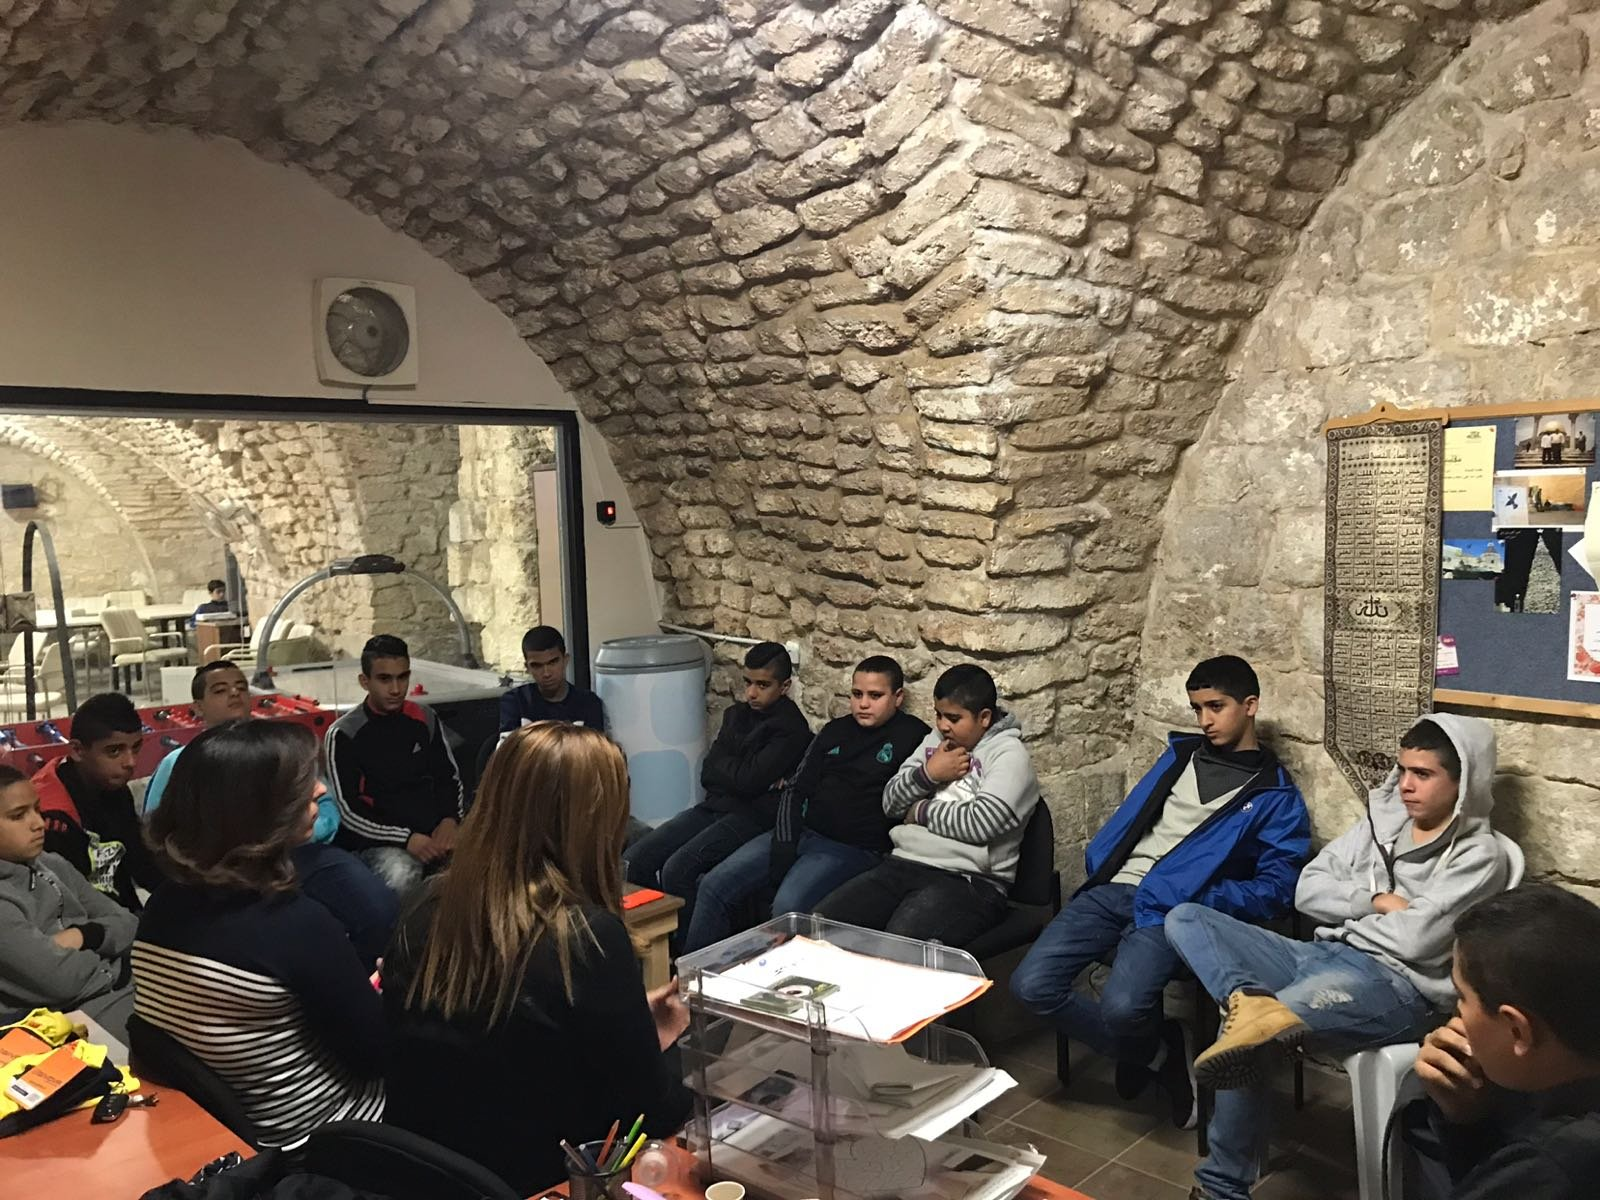 استمرار لقاءات دورة التنمية البشرية نادي البلدة القديمة بالناصرة